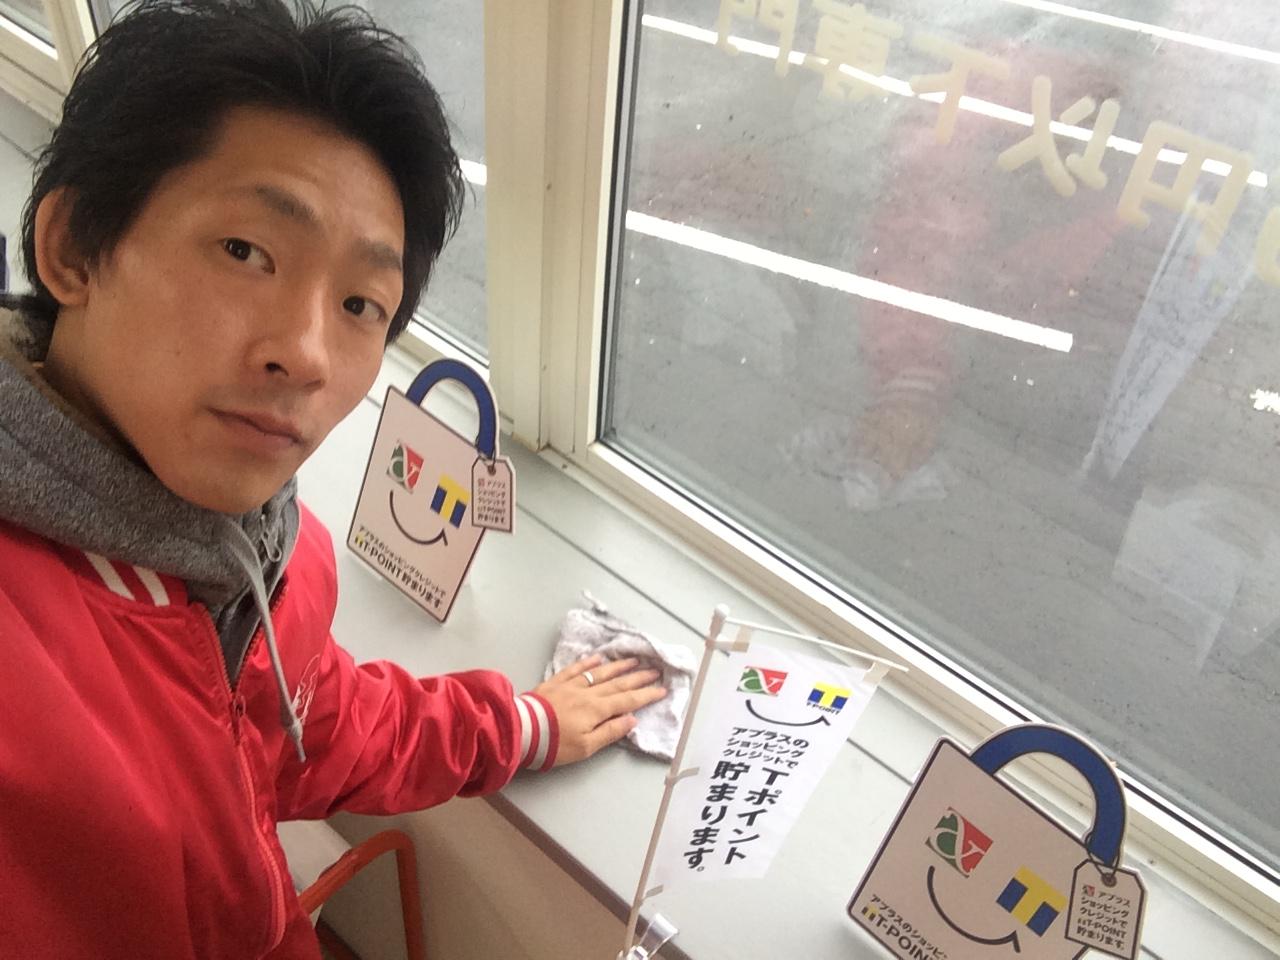 10月3日(金)103(トミー)の日☆アウトレット♪軽自動車☆103円カー_b0127002_183551.jpg